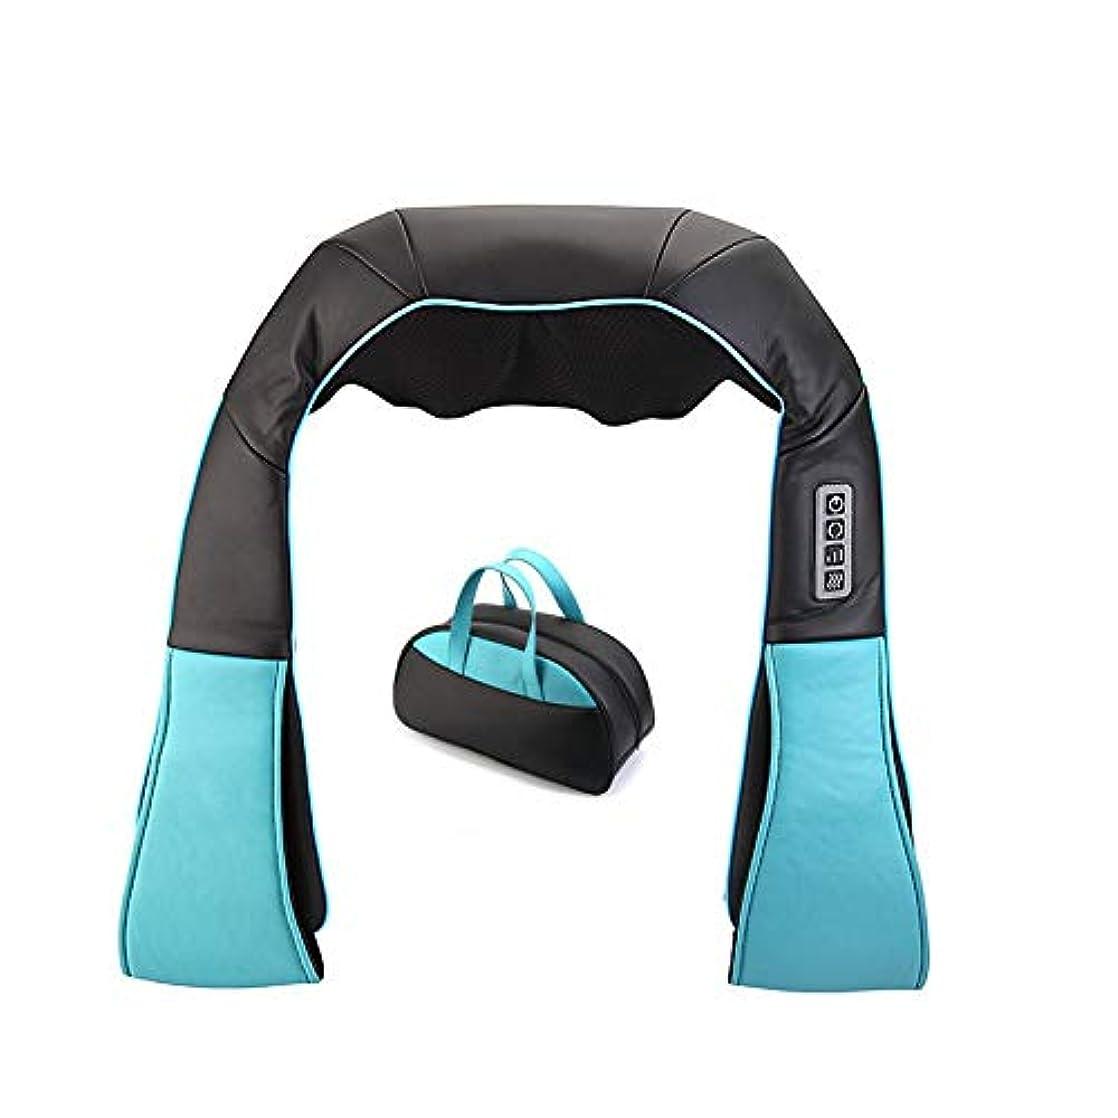 指圧背中と首のマッサージディープティッシュ3Dニーディングピロー、首と足用のニーディングマッサージピロー、自宅での使用、車